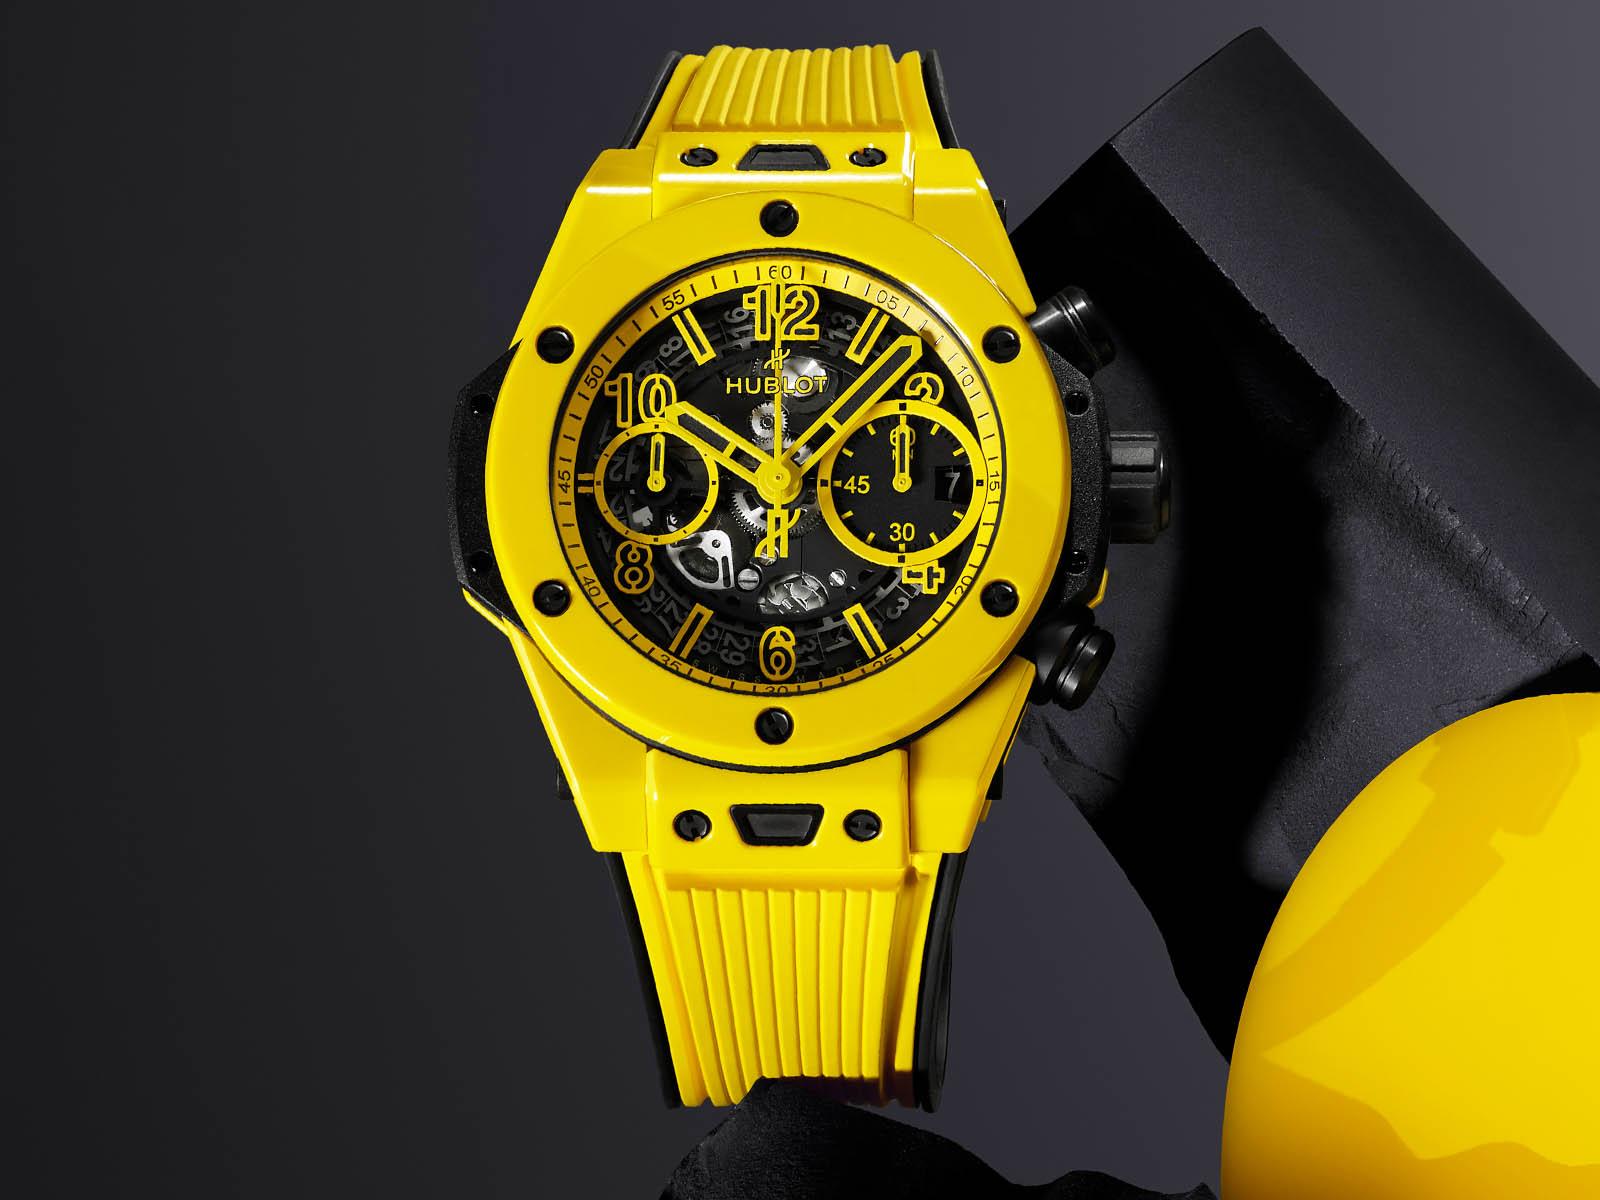 441-cy-471y-rx-hublot-big-bang-unico-yellow-magic-5.jpg